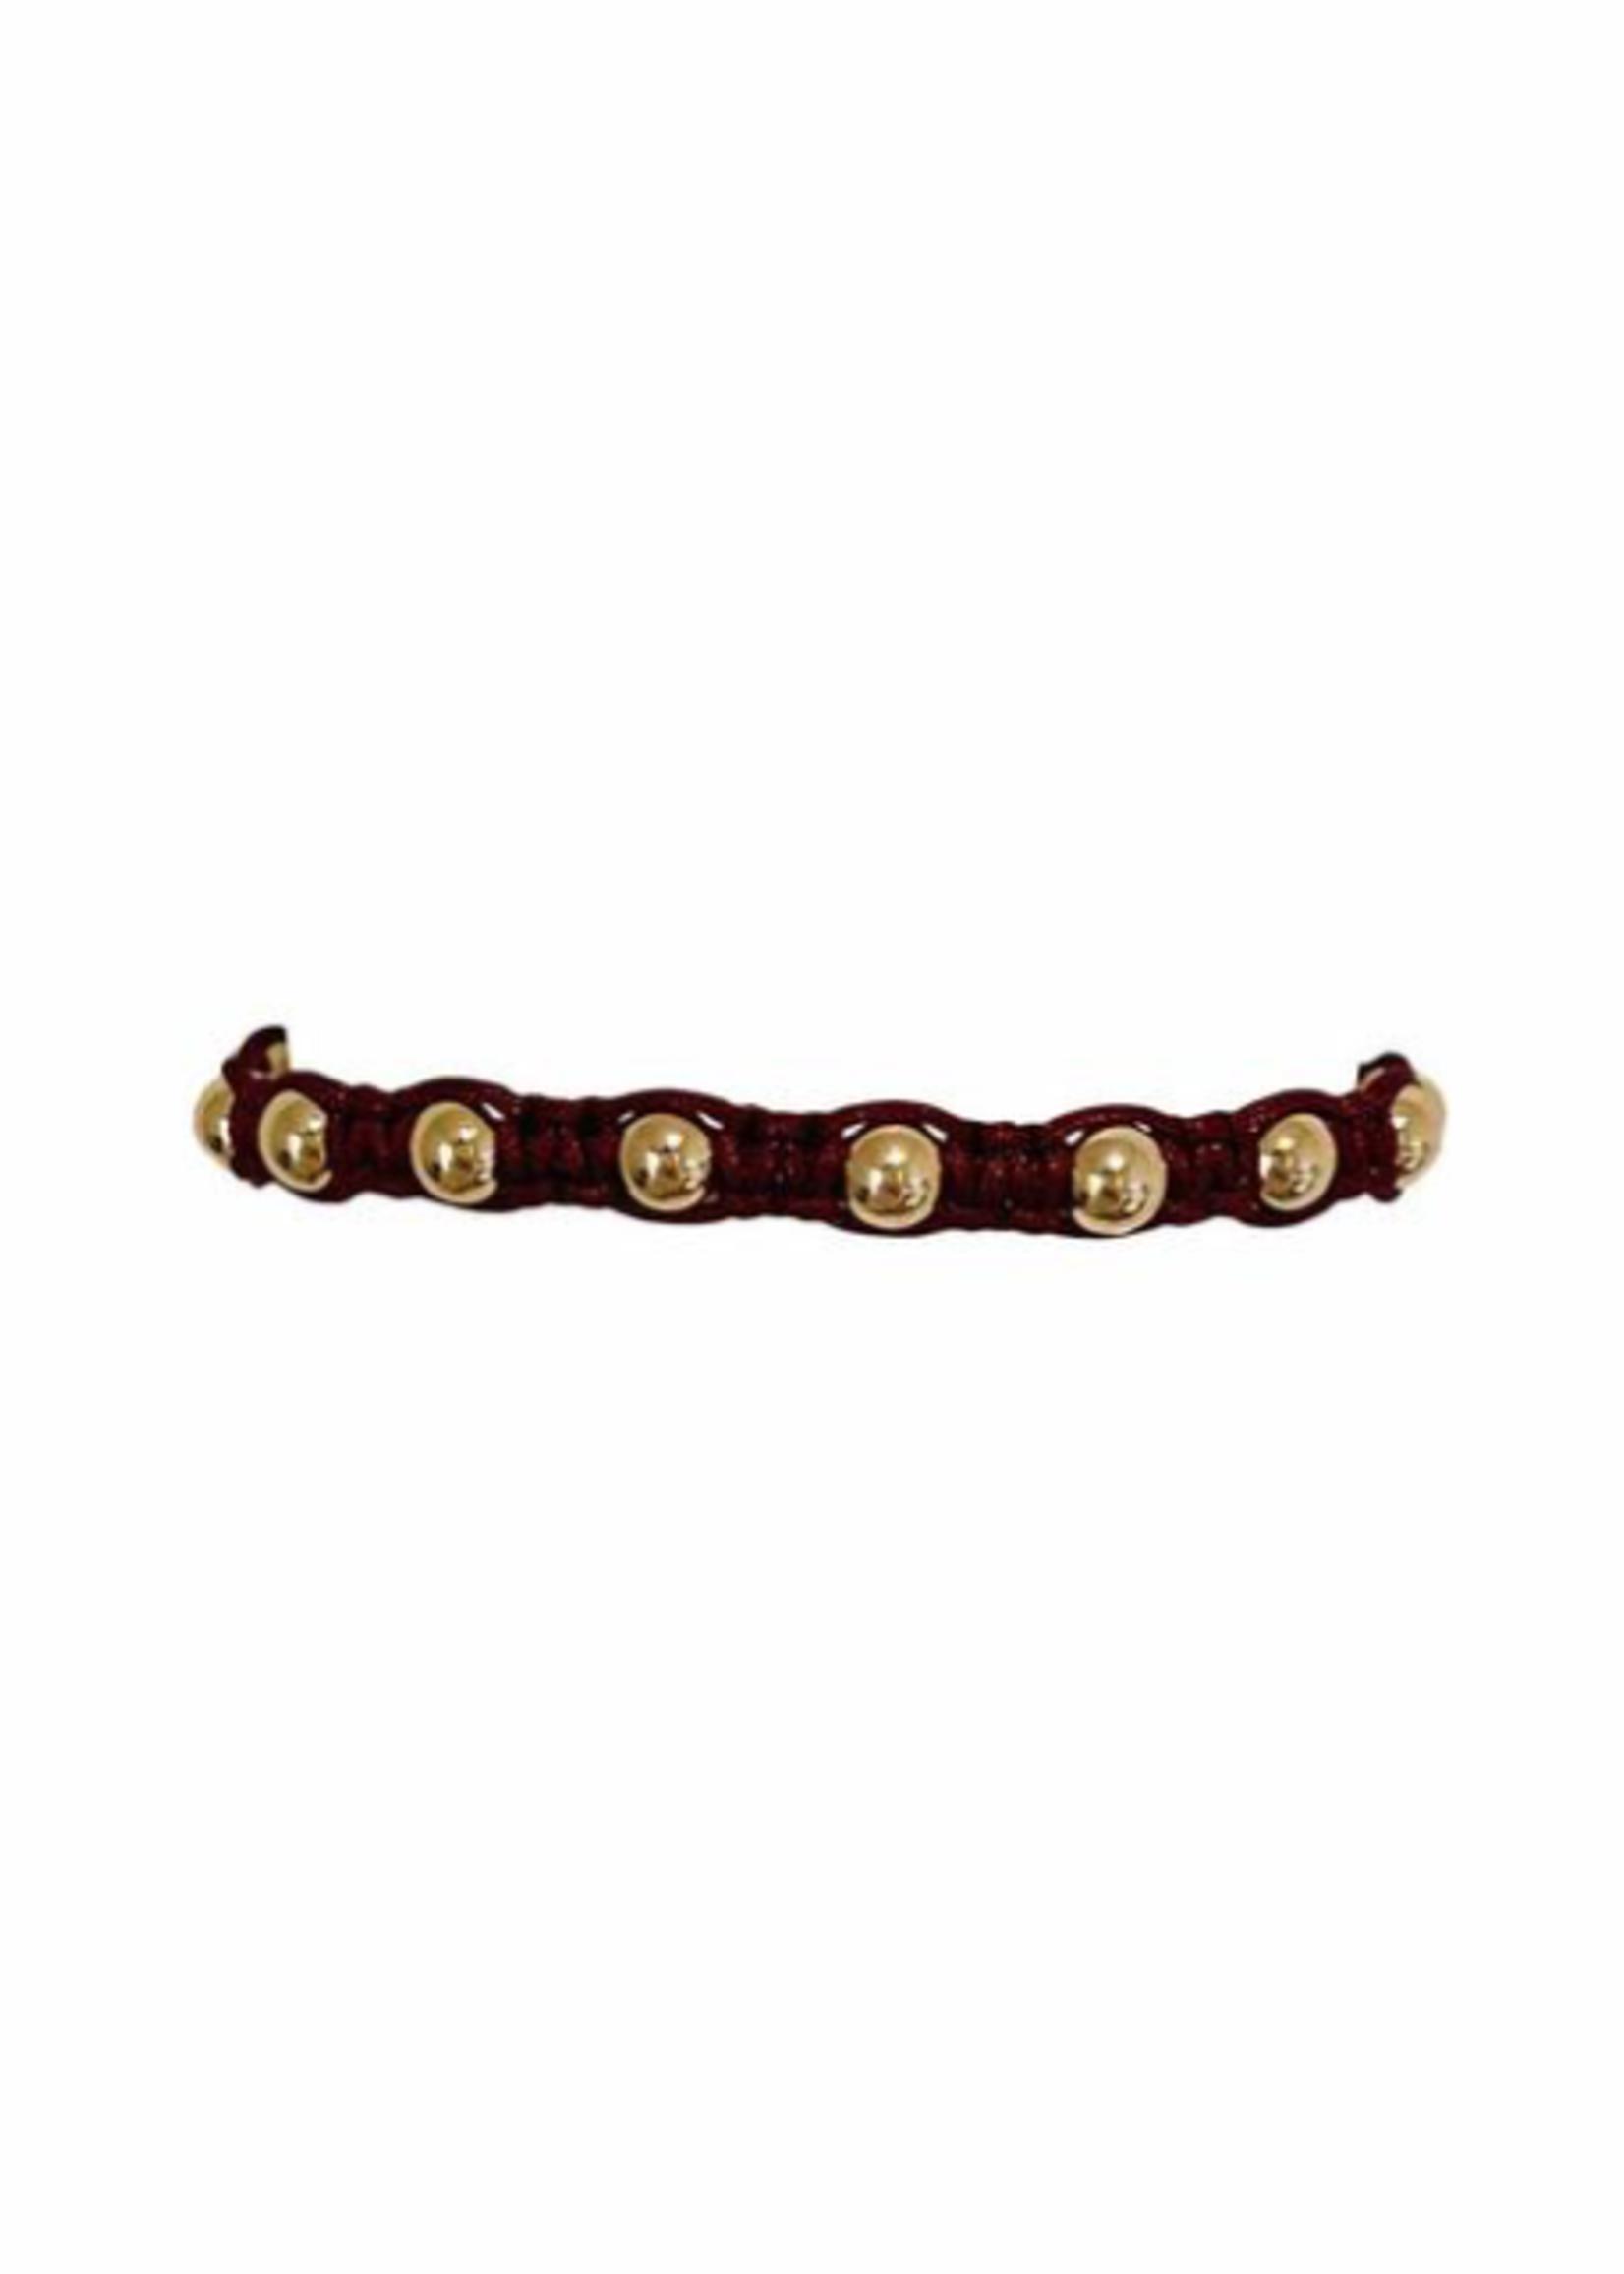 Garnet Macrame Bracelet KL